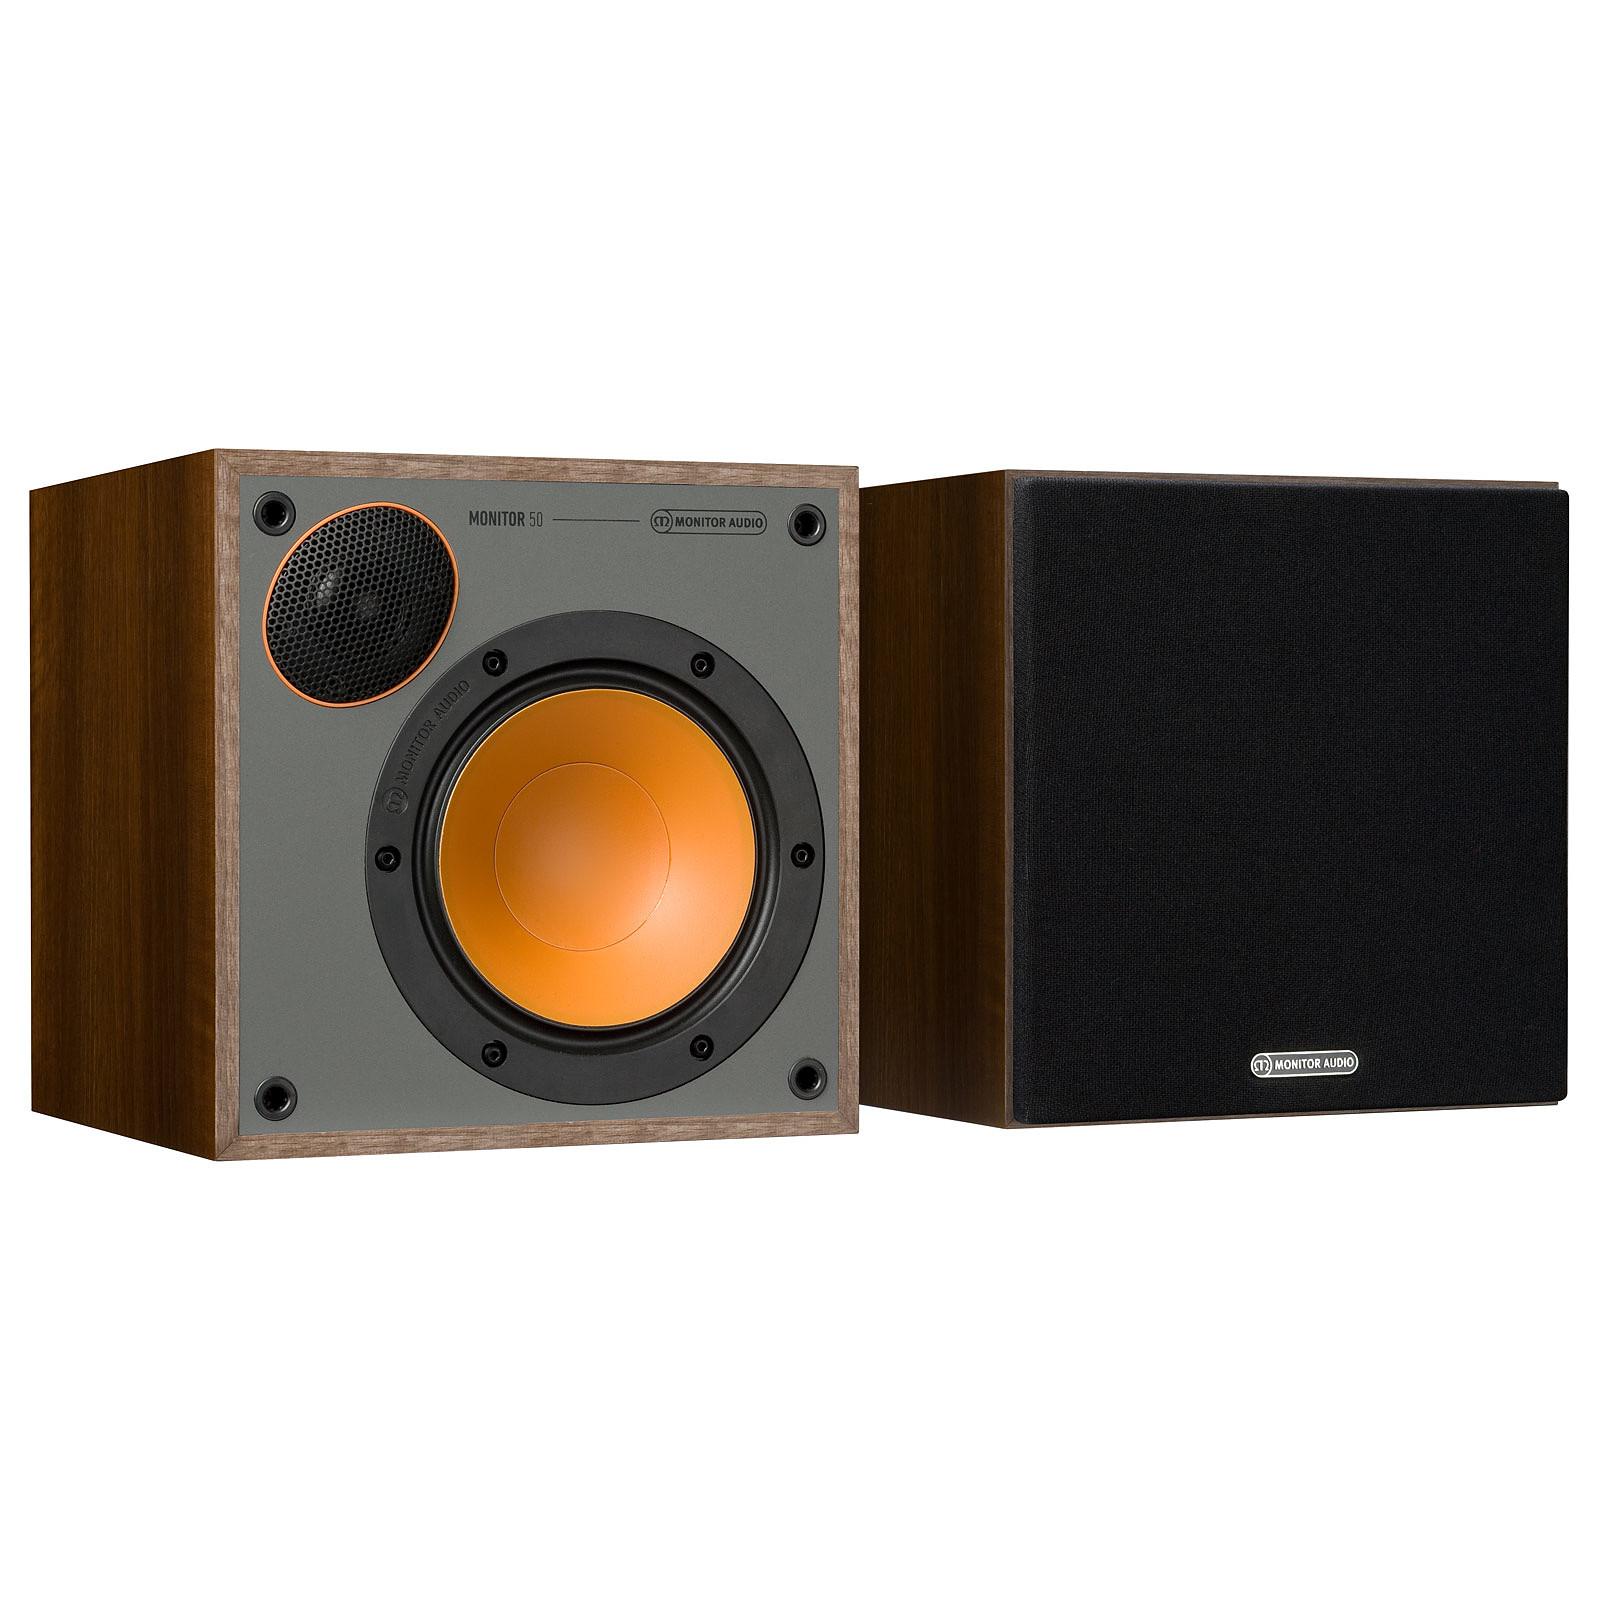 Monitor Audio Monitor 50 Noyer